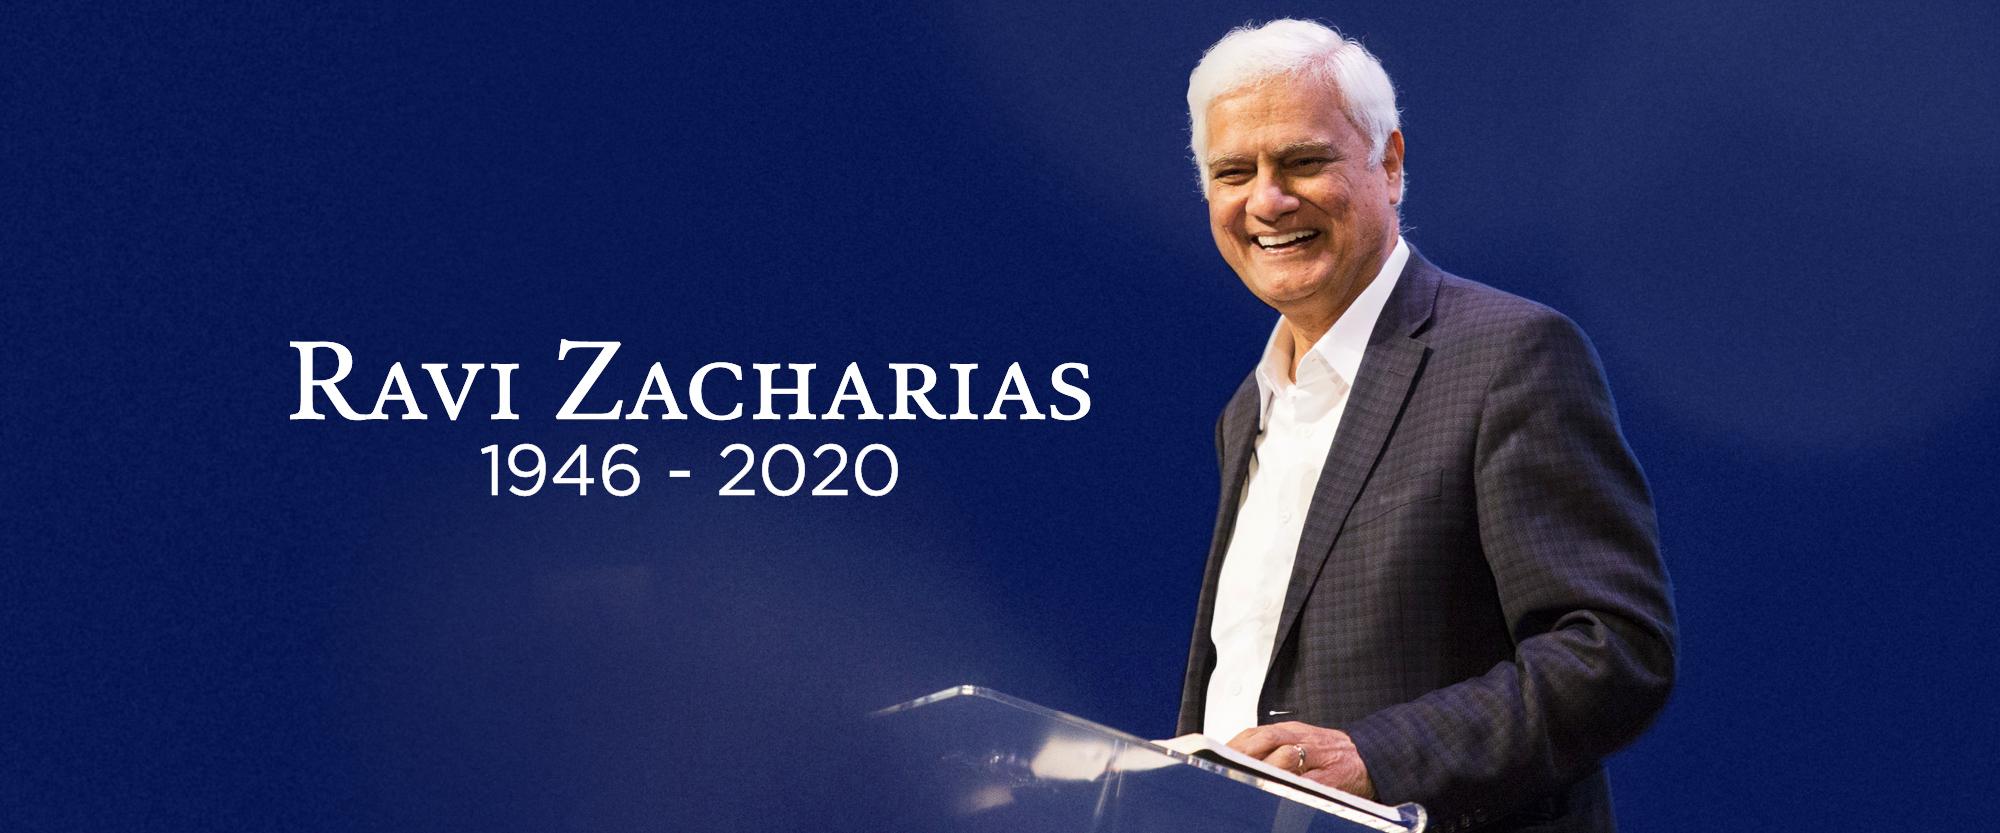 2020-Ravi-Zacharias-Obit_0517_960x400_Web